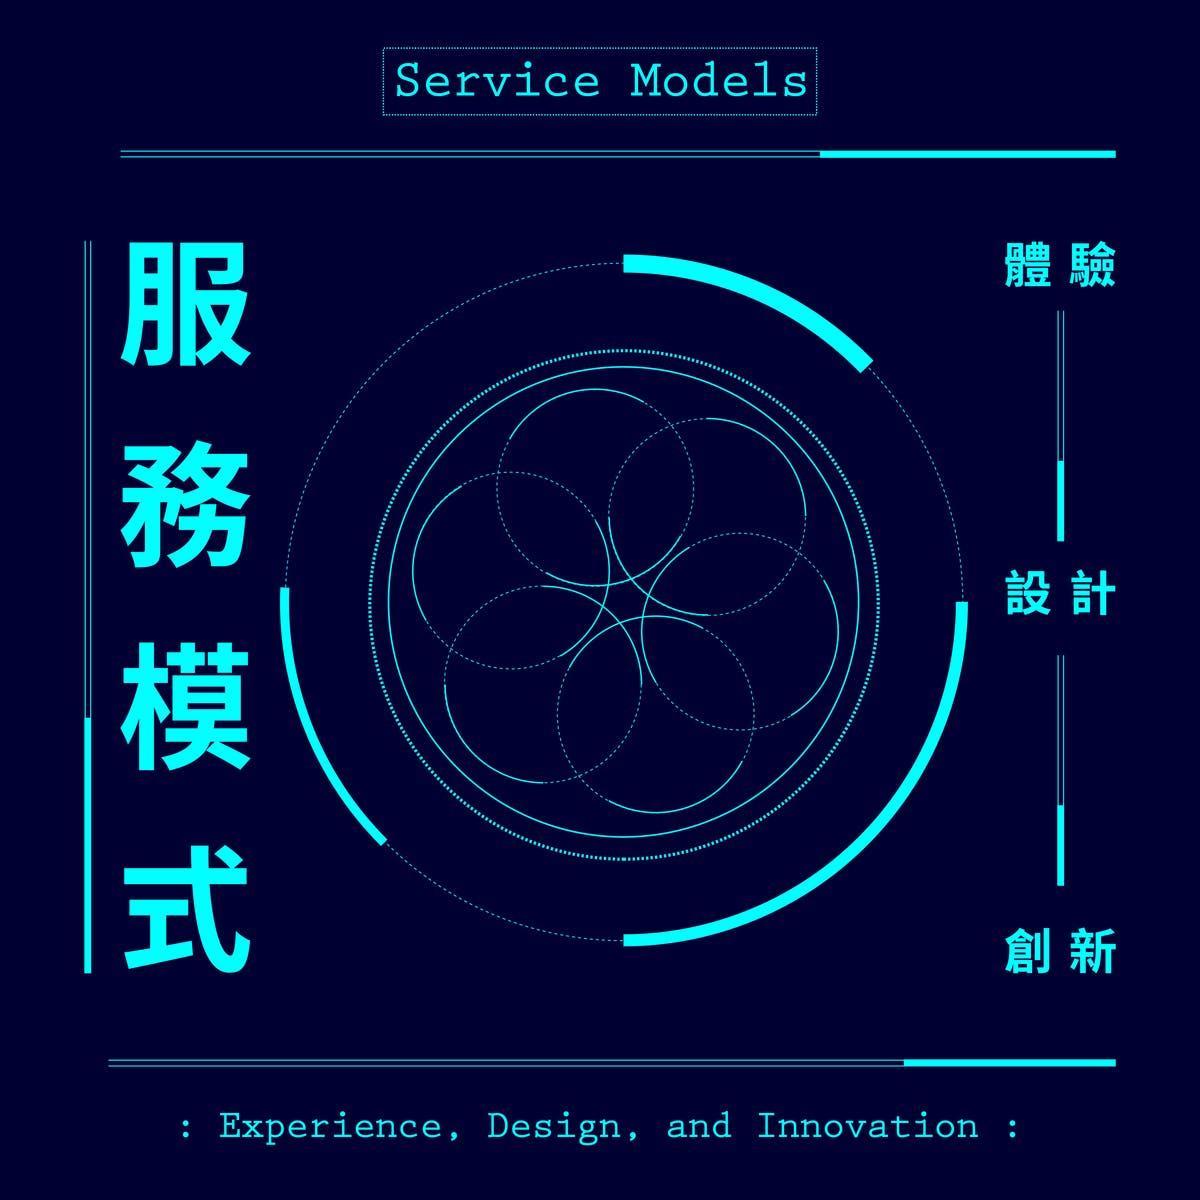 服務模式的體驗、設計與創新:從痛點到賣點 (Experience, Design, and Innovation of Service Models: from Pain Points to Selling Points)